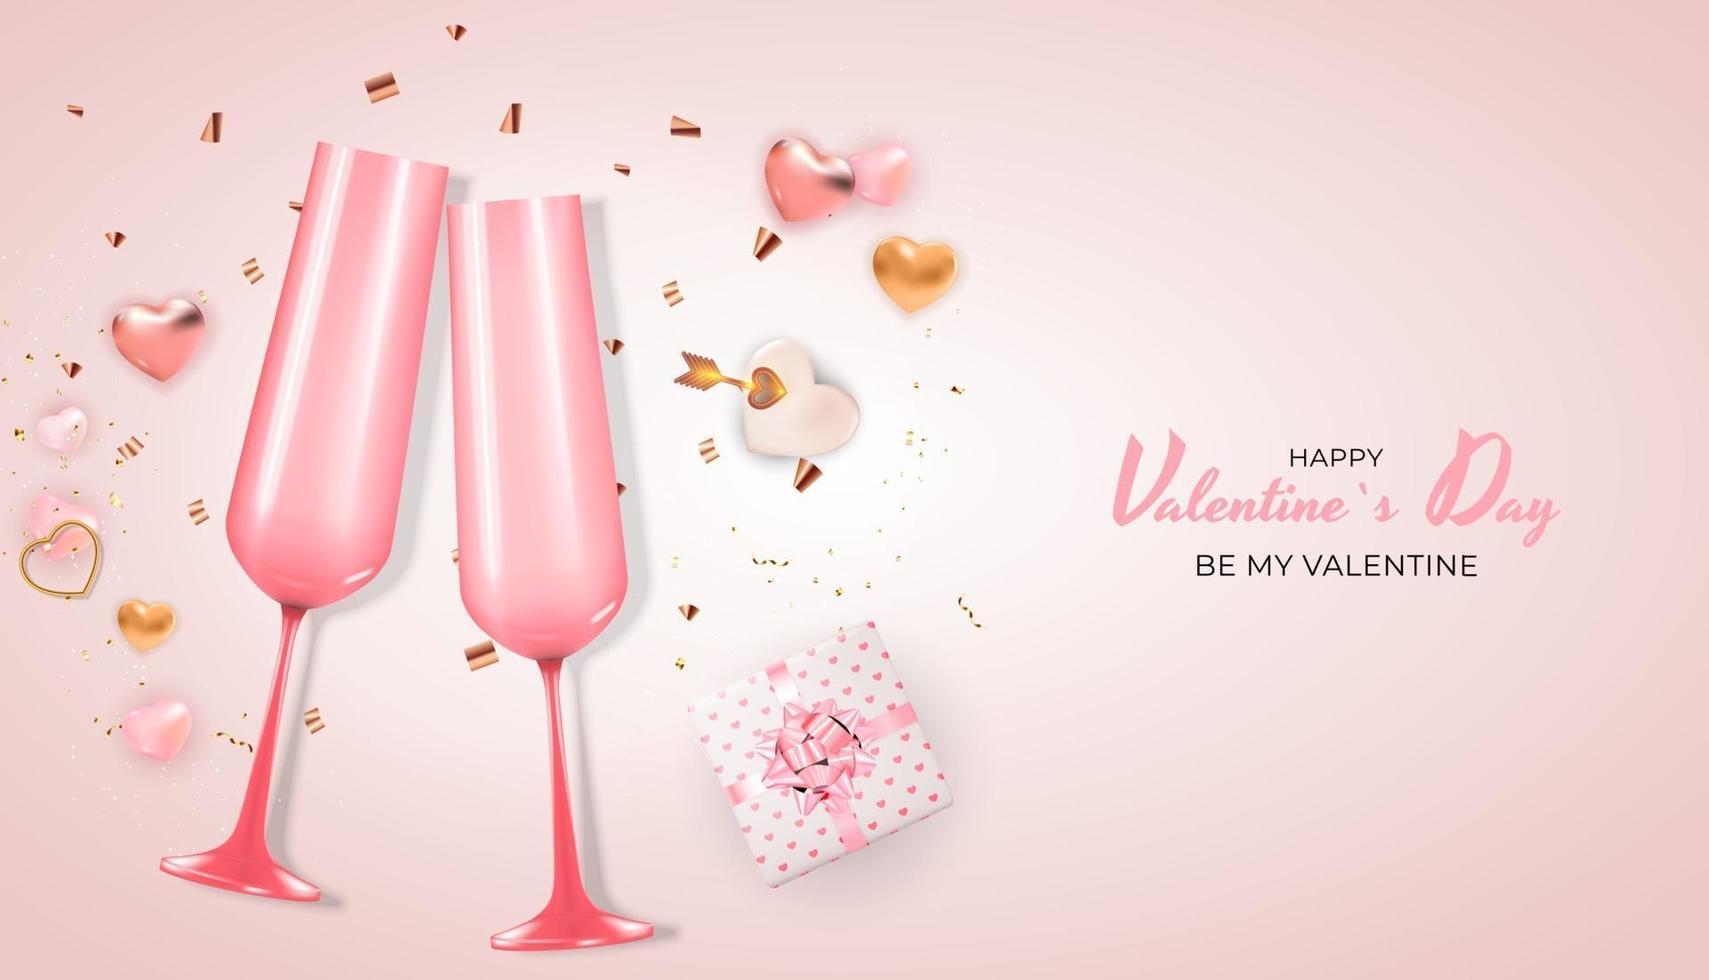 progettazione realistica del fondo della carta del regalo di festa di San Valentino. modello per pubblicità, web, social media e annunci di moda. poster, flyer, biglietto di auguri, intestazione per illustrazione vettoriale sito Web